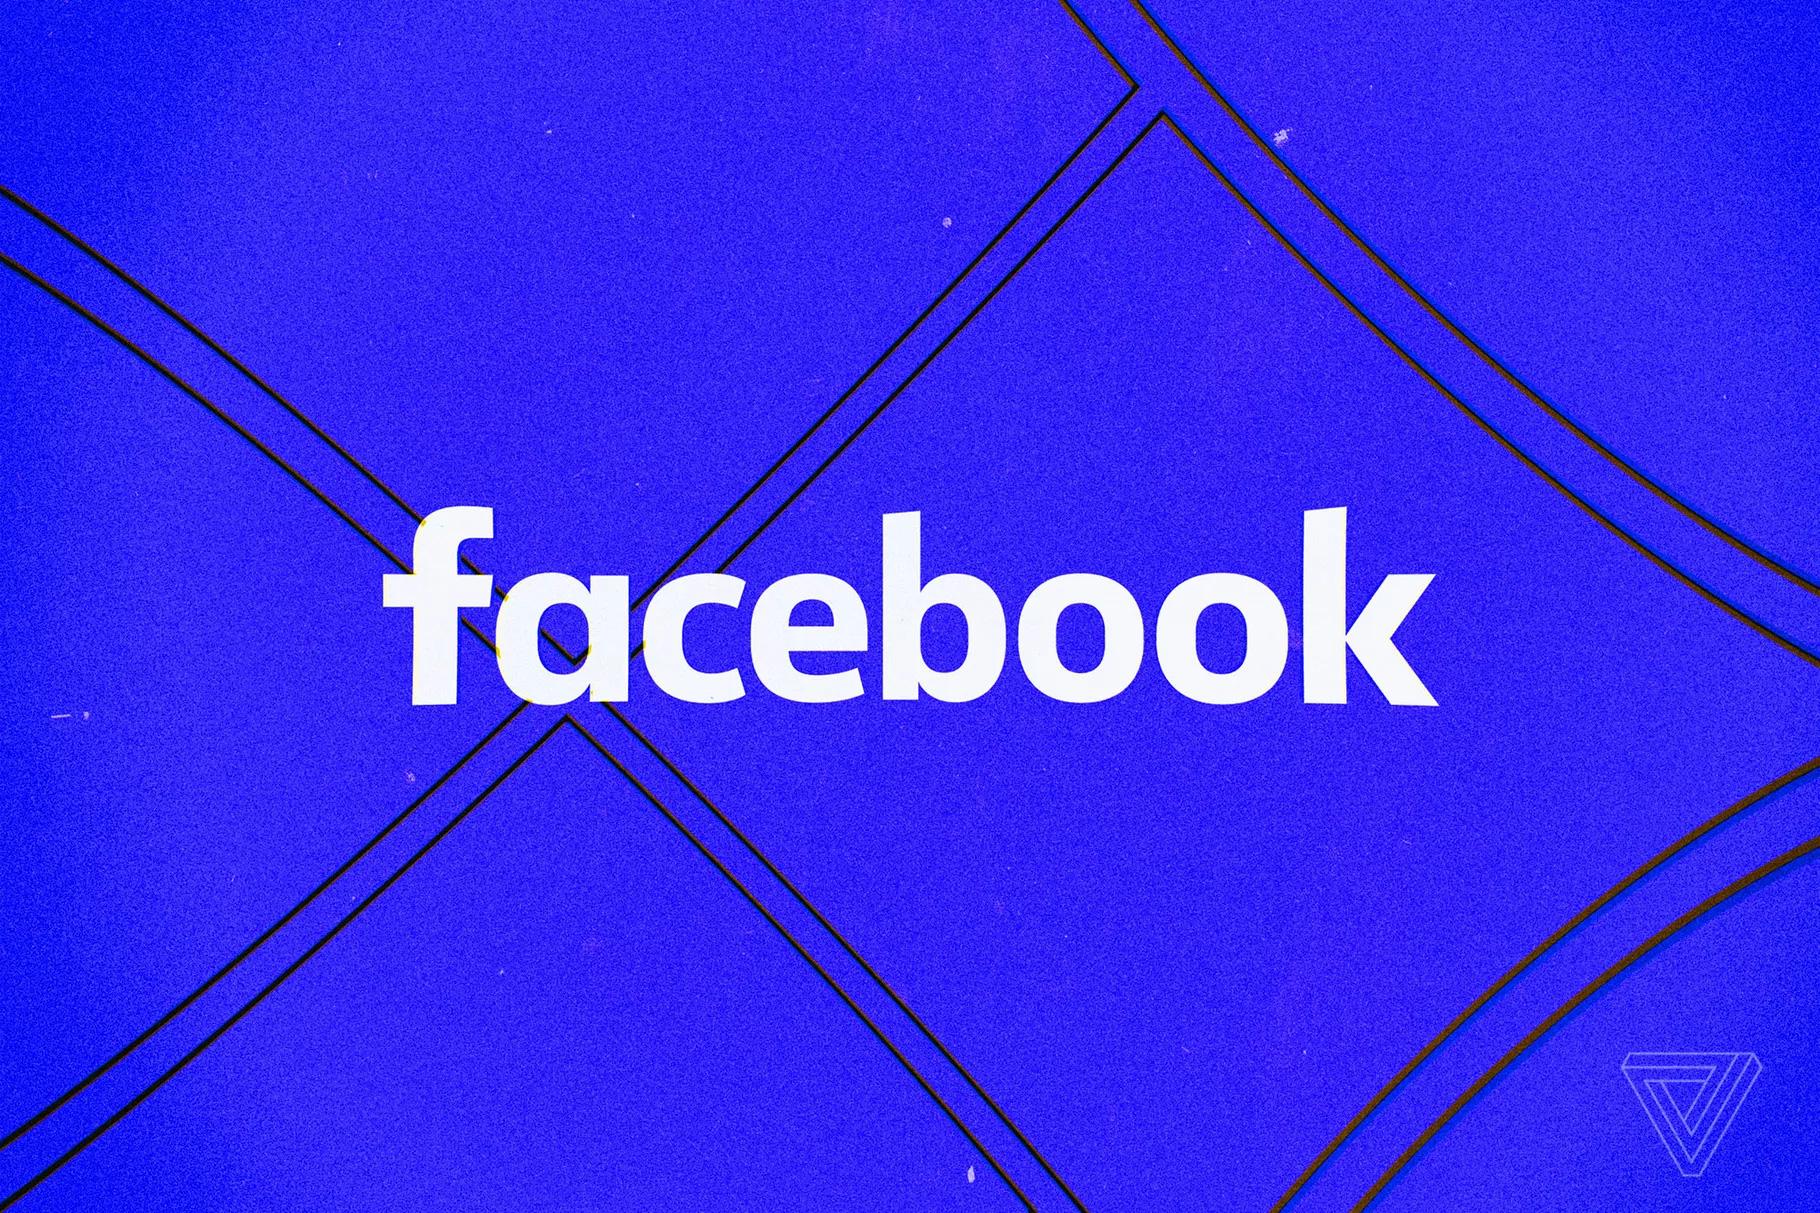 Ở tập đoàn Facebook, có một vị trí sở hữu mức lương hơn 700 triệu đồng/năm nhưng bị coi là công việc nguy hiểm nhất khiến ai nấy nghe xong đều giật mình - Ảnh 3.